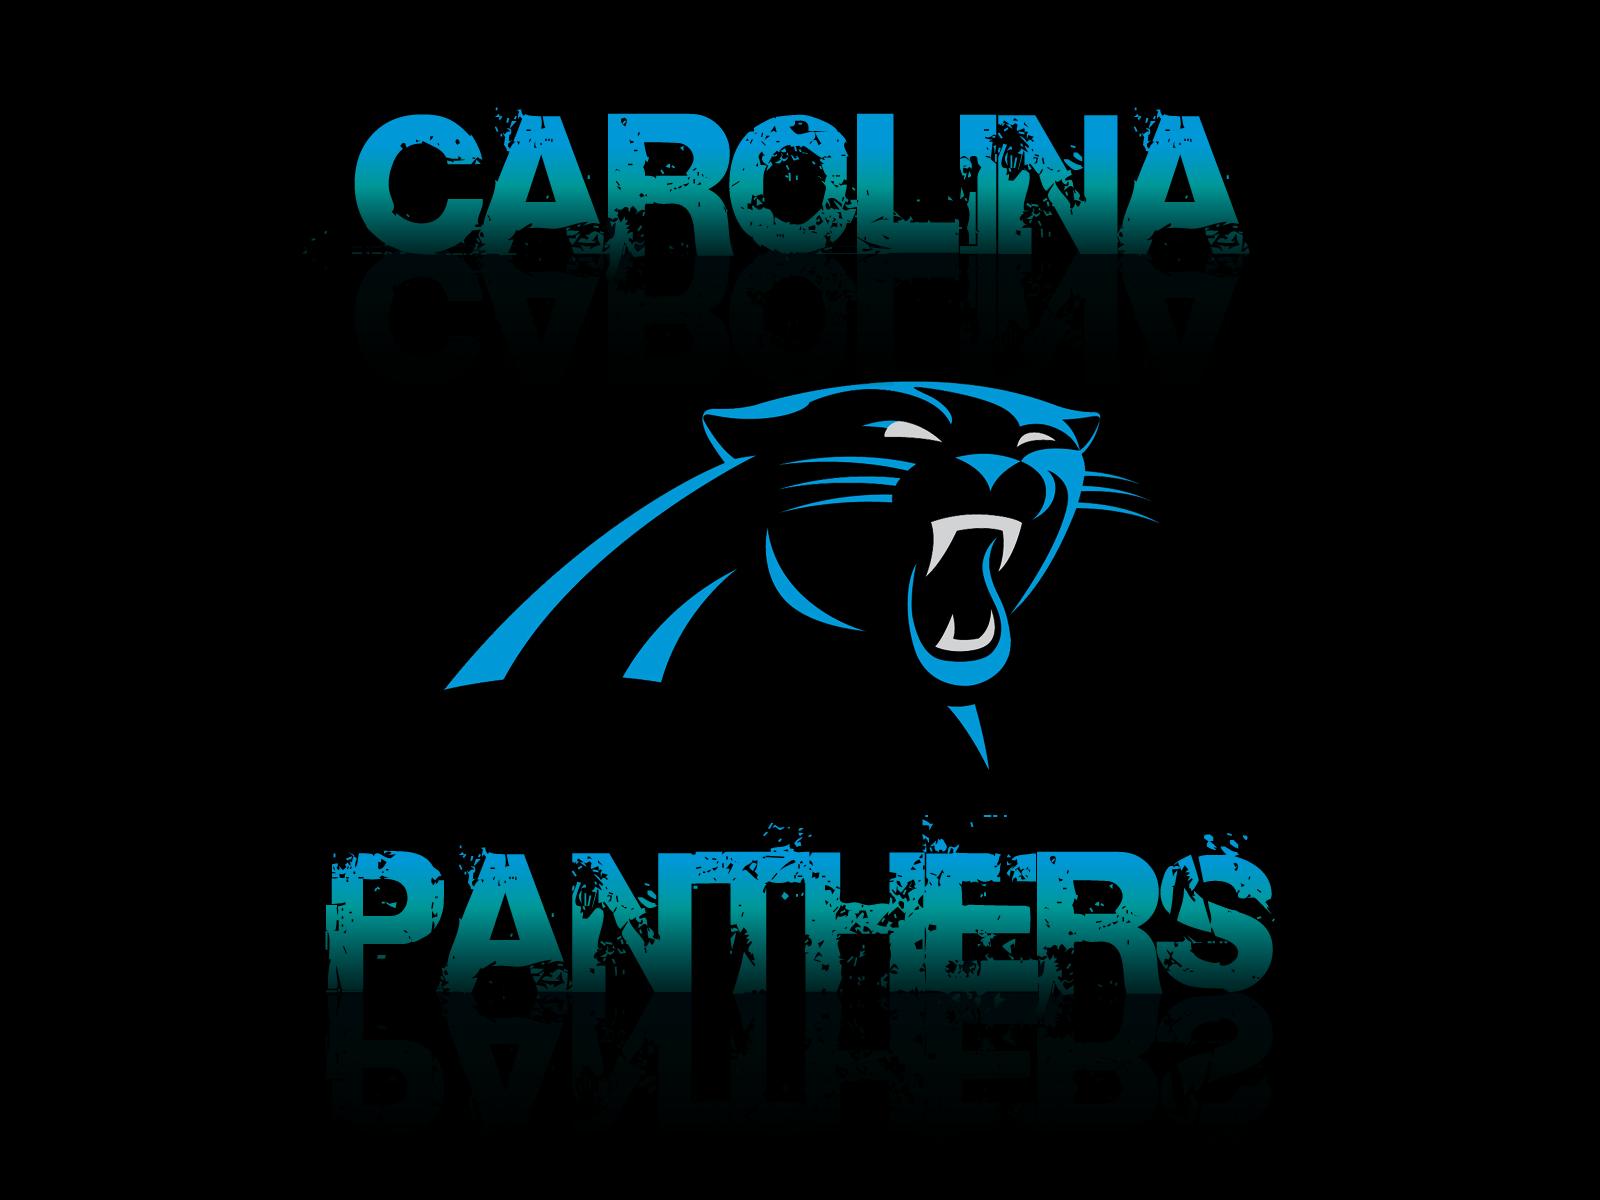 carolina panthers new logo wallpaper good iphone